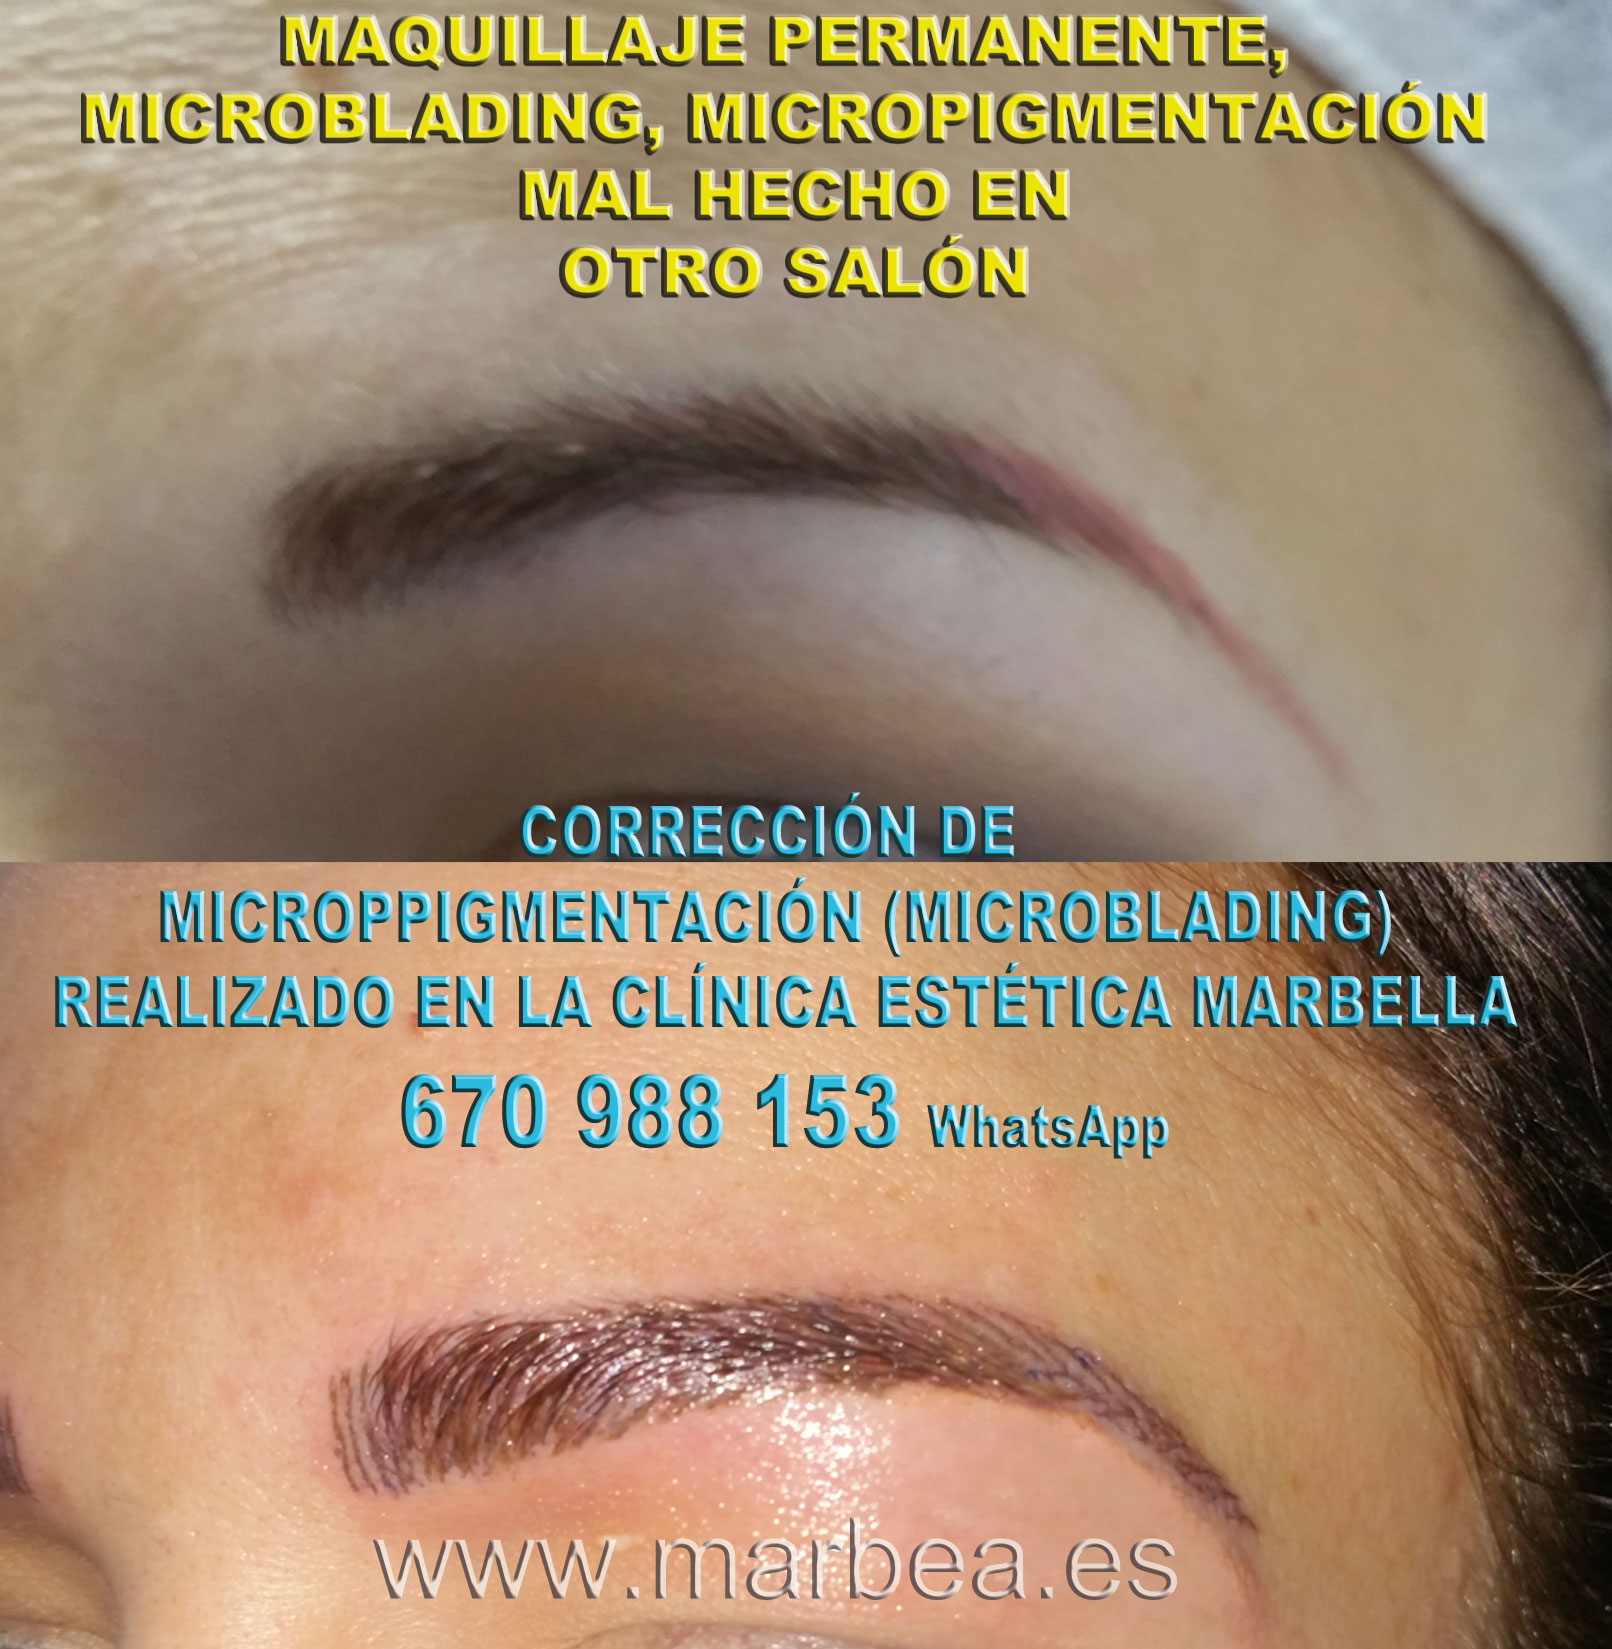 QUITAR TATUAJE CEJAS clínica estética tatuaje entrega eliminar la micropigmentación de cejas,corregir micropigmentación no deseada